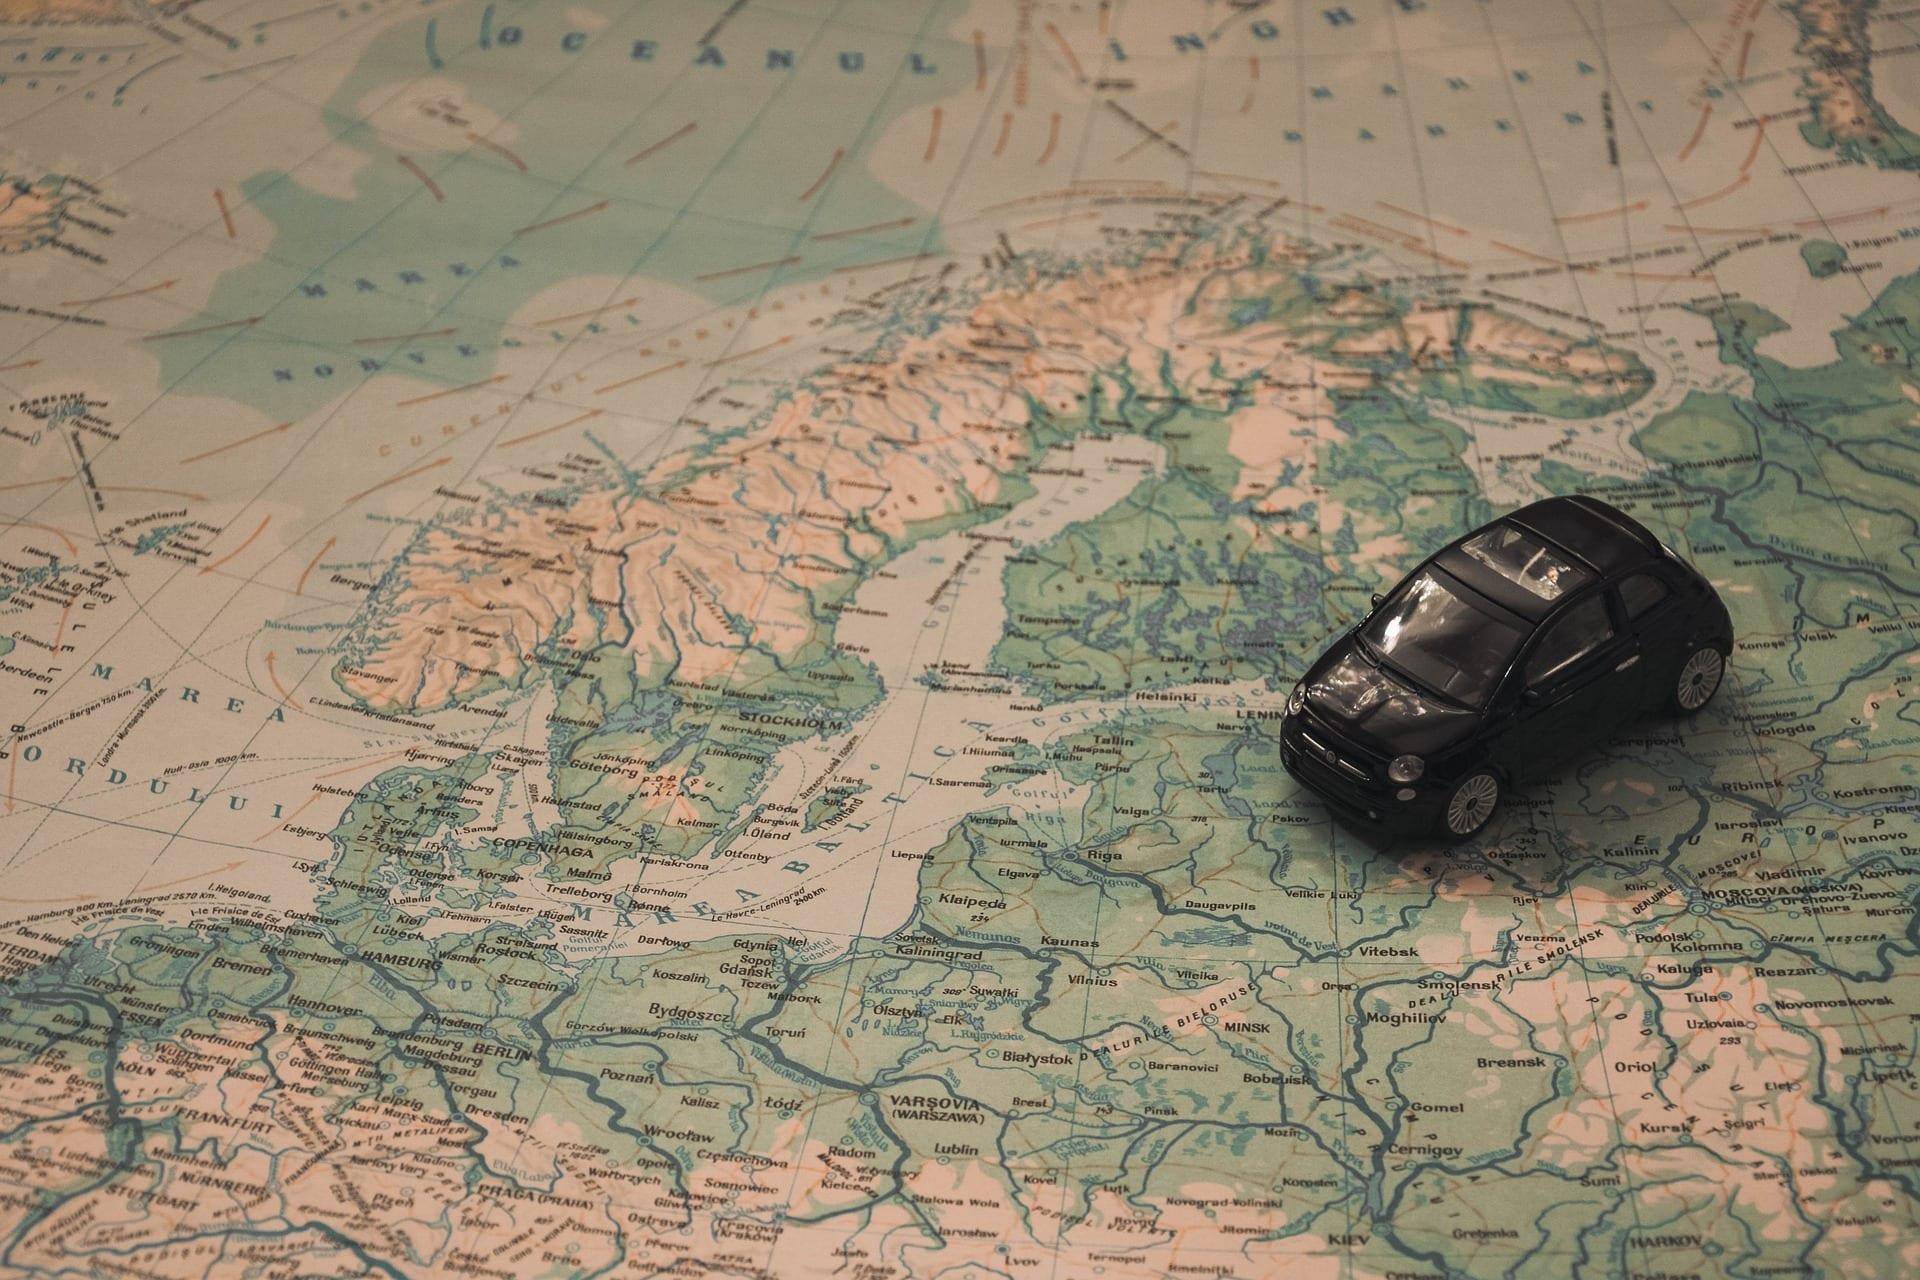 L'UE mette in guardia: i veicoli a guida autonoma possono essere insidiosi